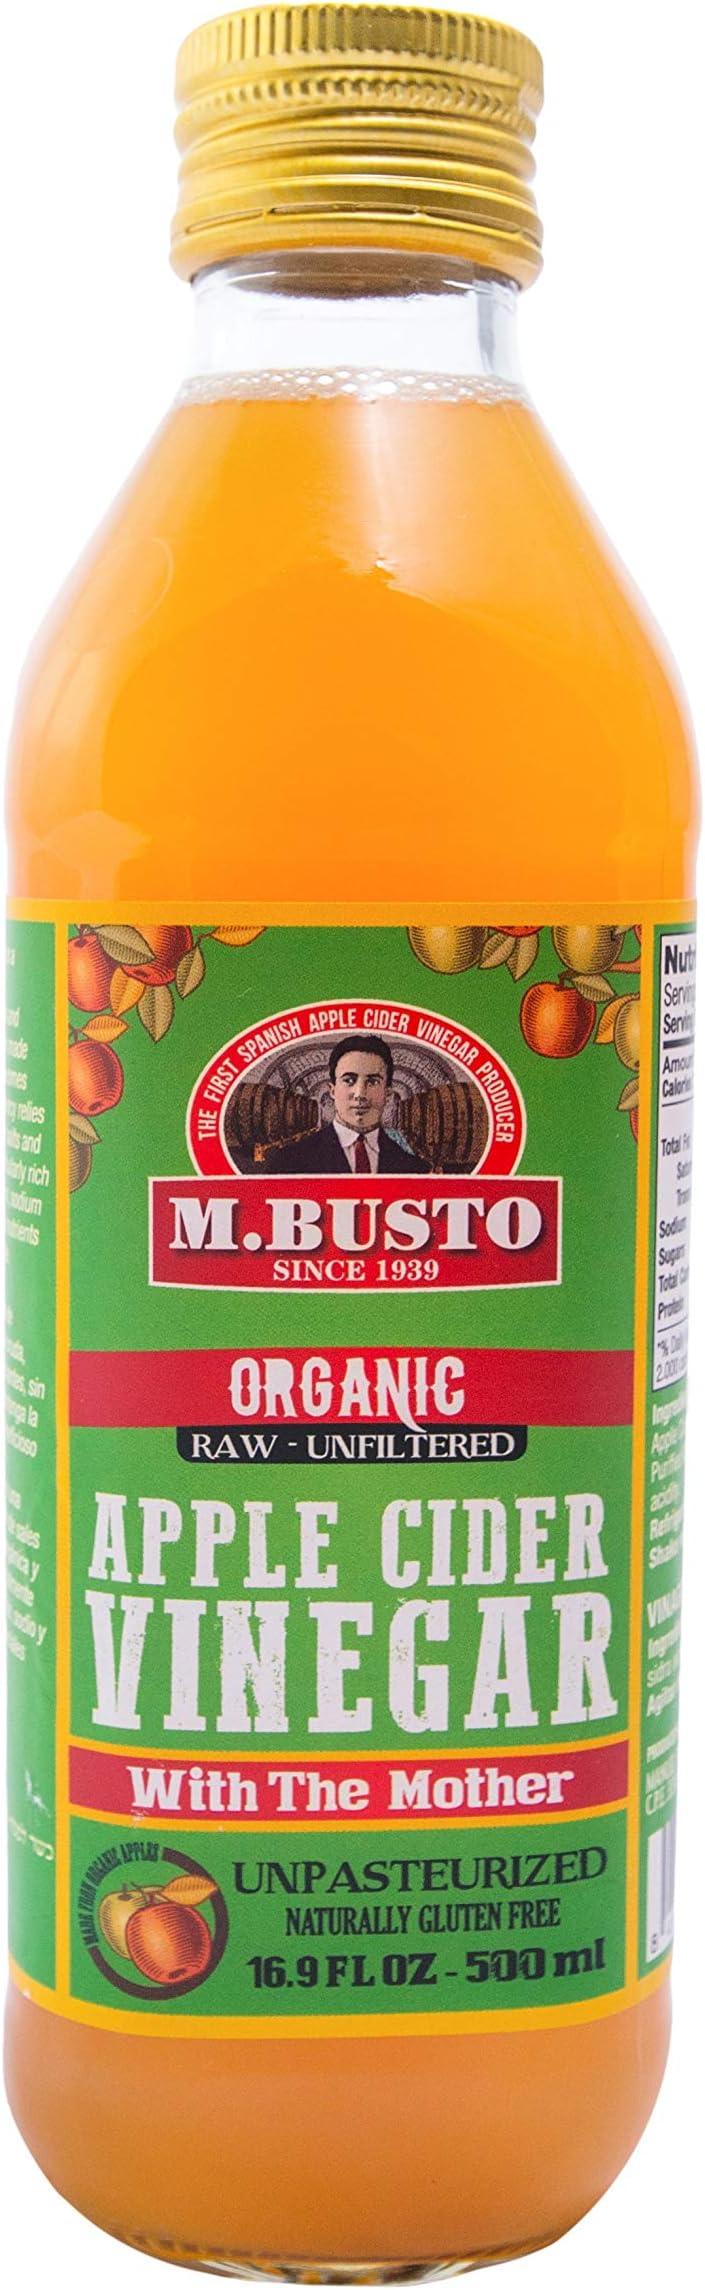 Aceto di sidro 100% naturale e biologico (2 bottiglie di vetro da 500 ml ciascuna) m. busto B07Y9MHZNY